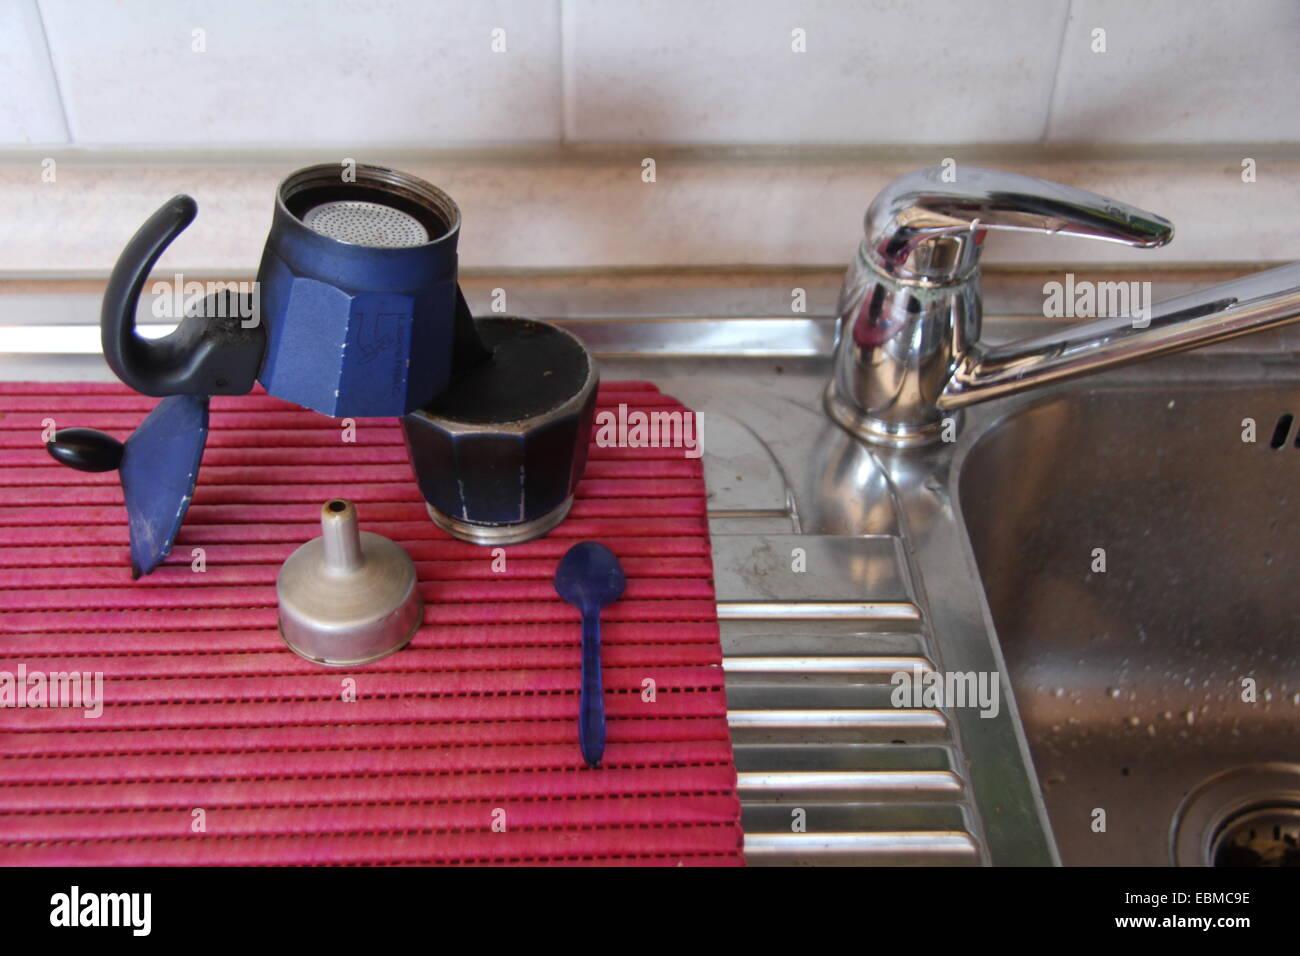 Waschmaschinen, die an Ihre Küchenspüle anlegen